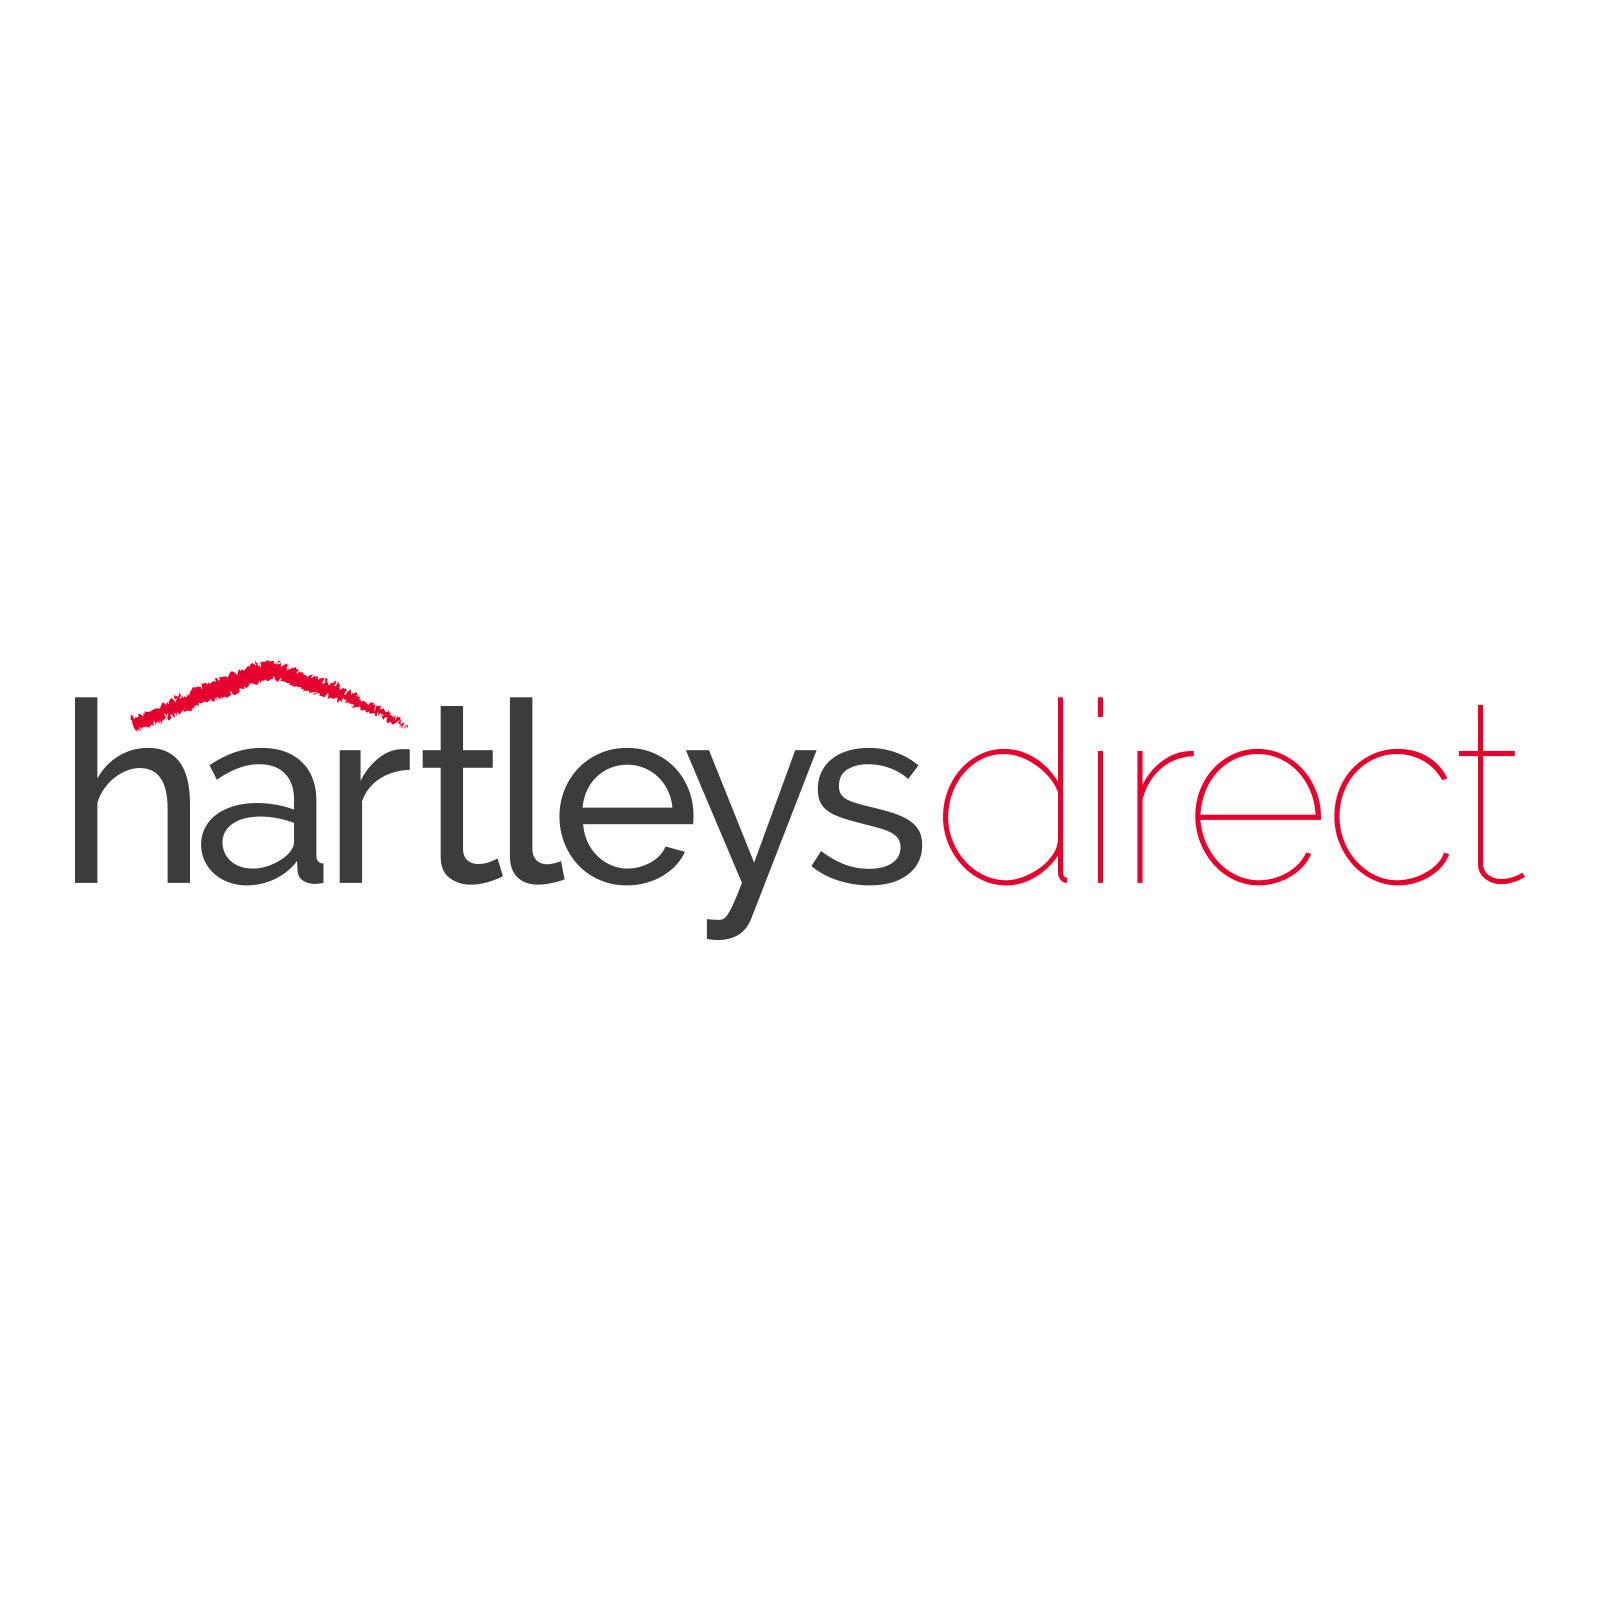 Hartleys-White-Set-of-3-Floating-Corner-Shelves-on-White-Background.jpg